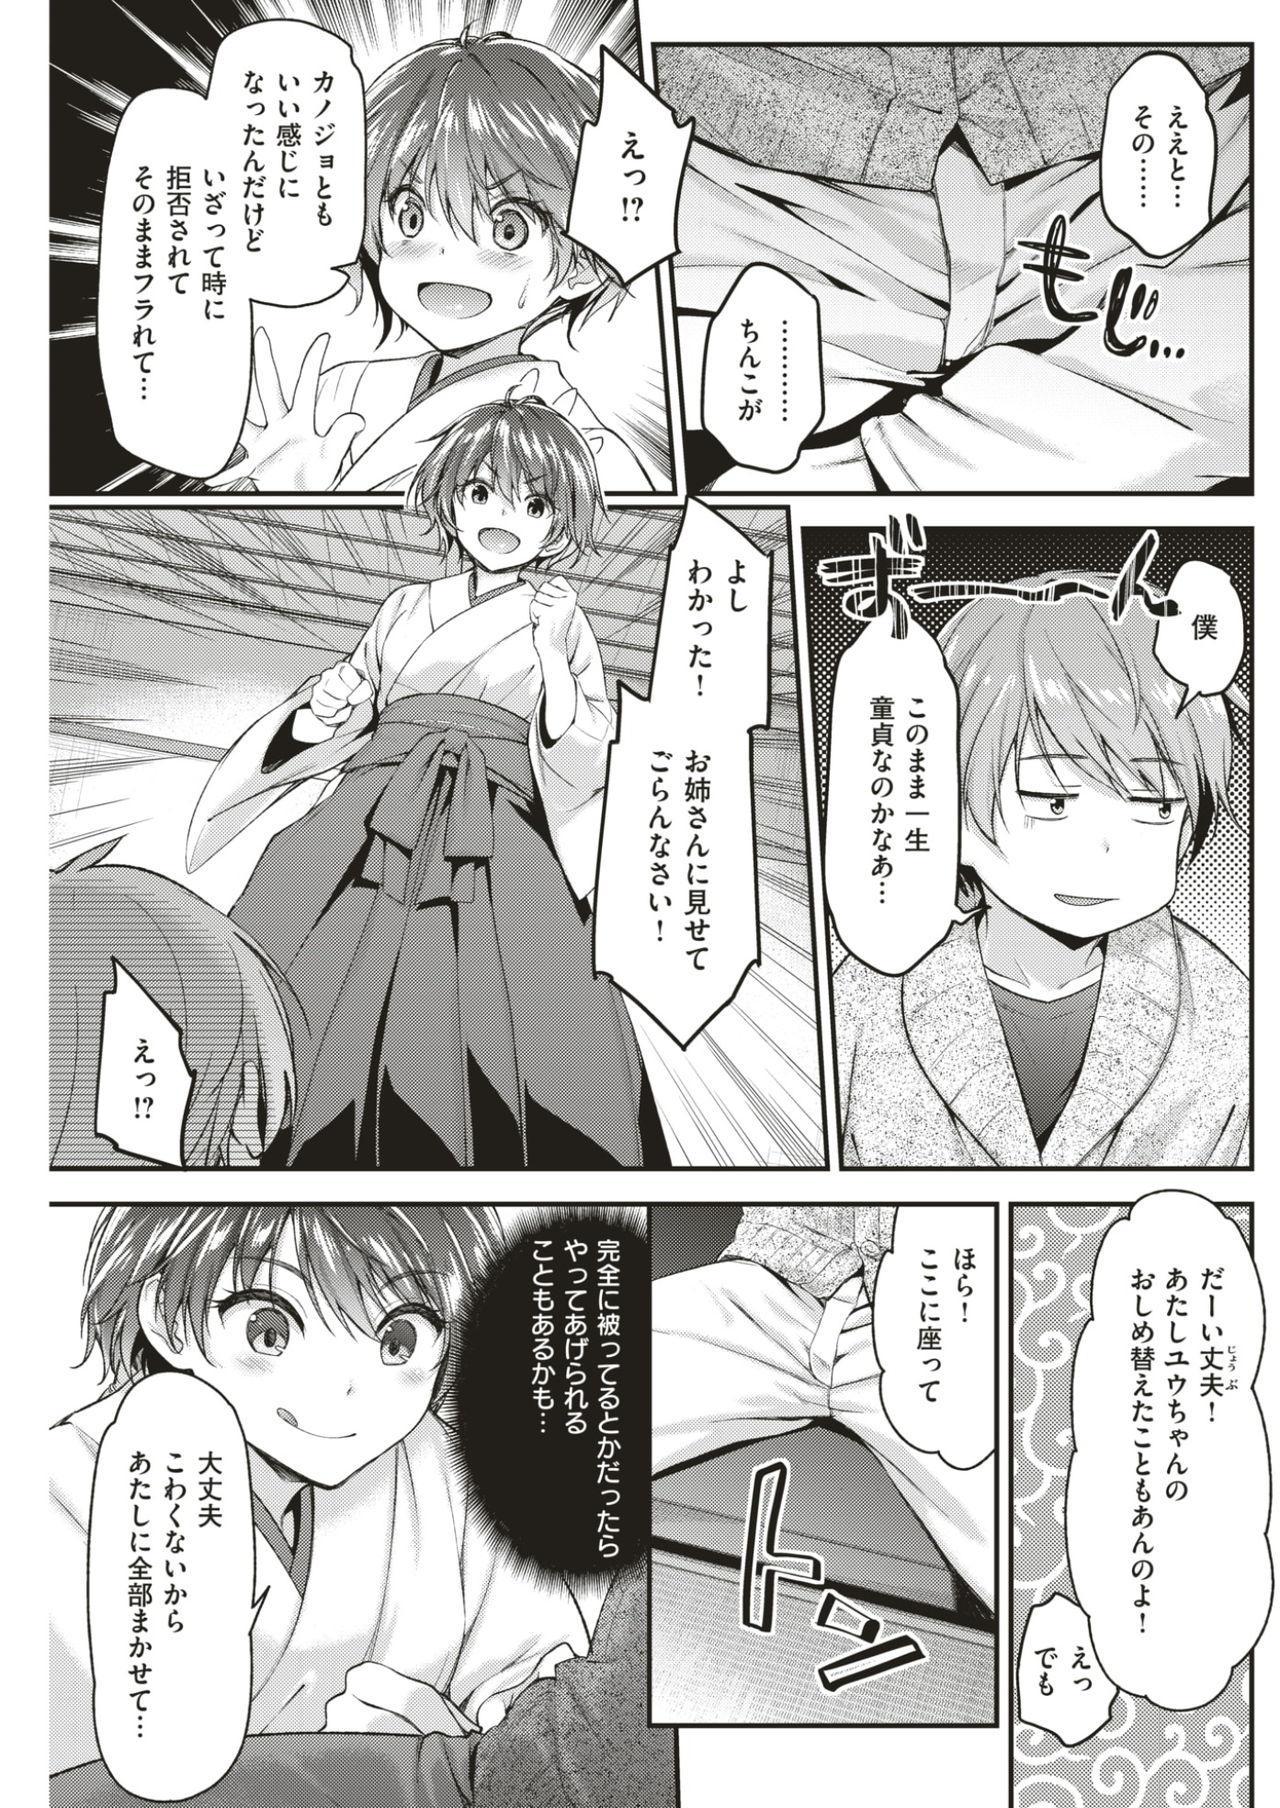 COMIC Kairakuten BEAST 2017-03 191